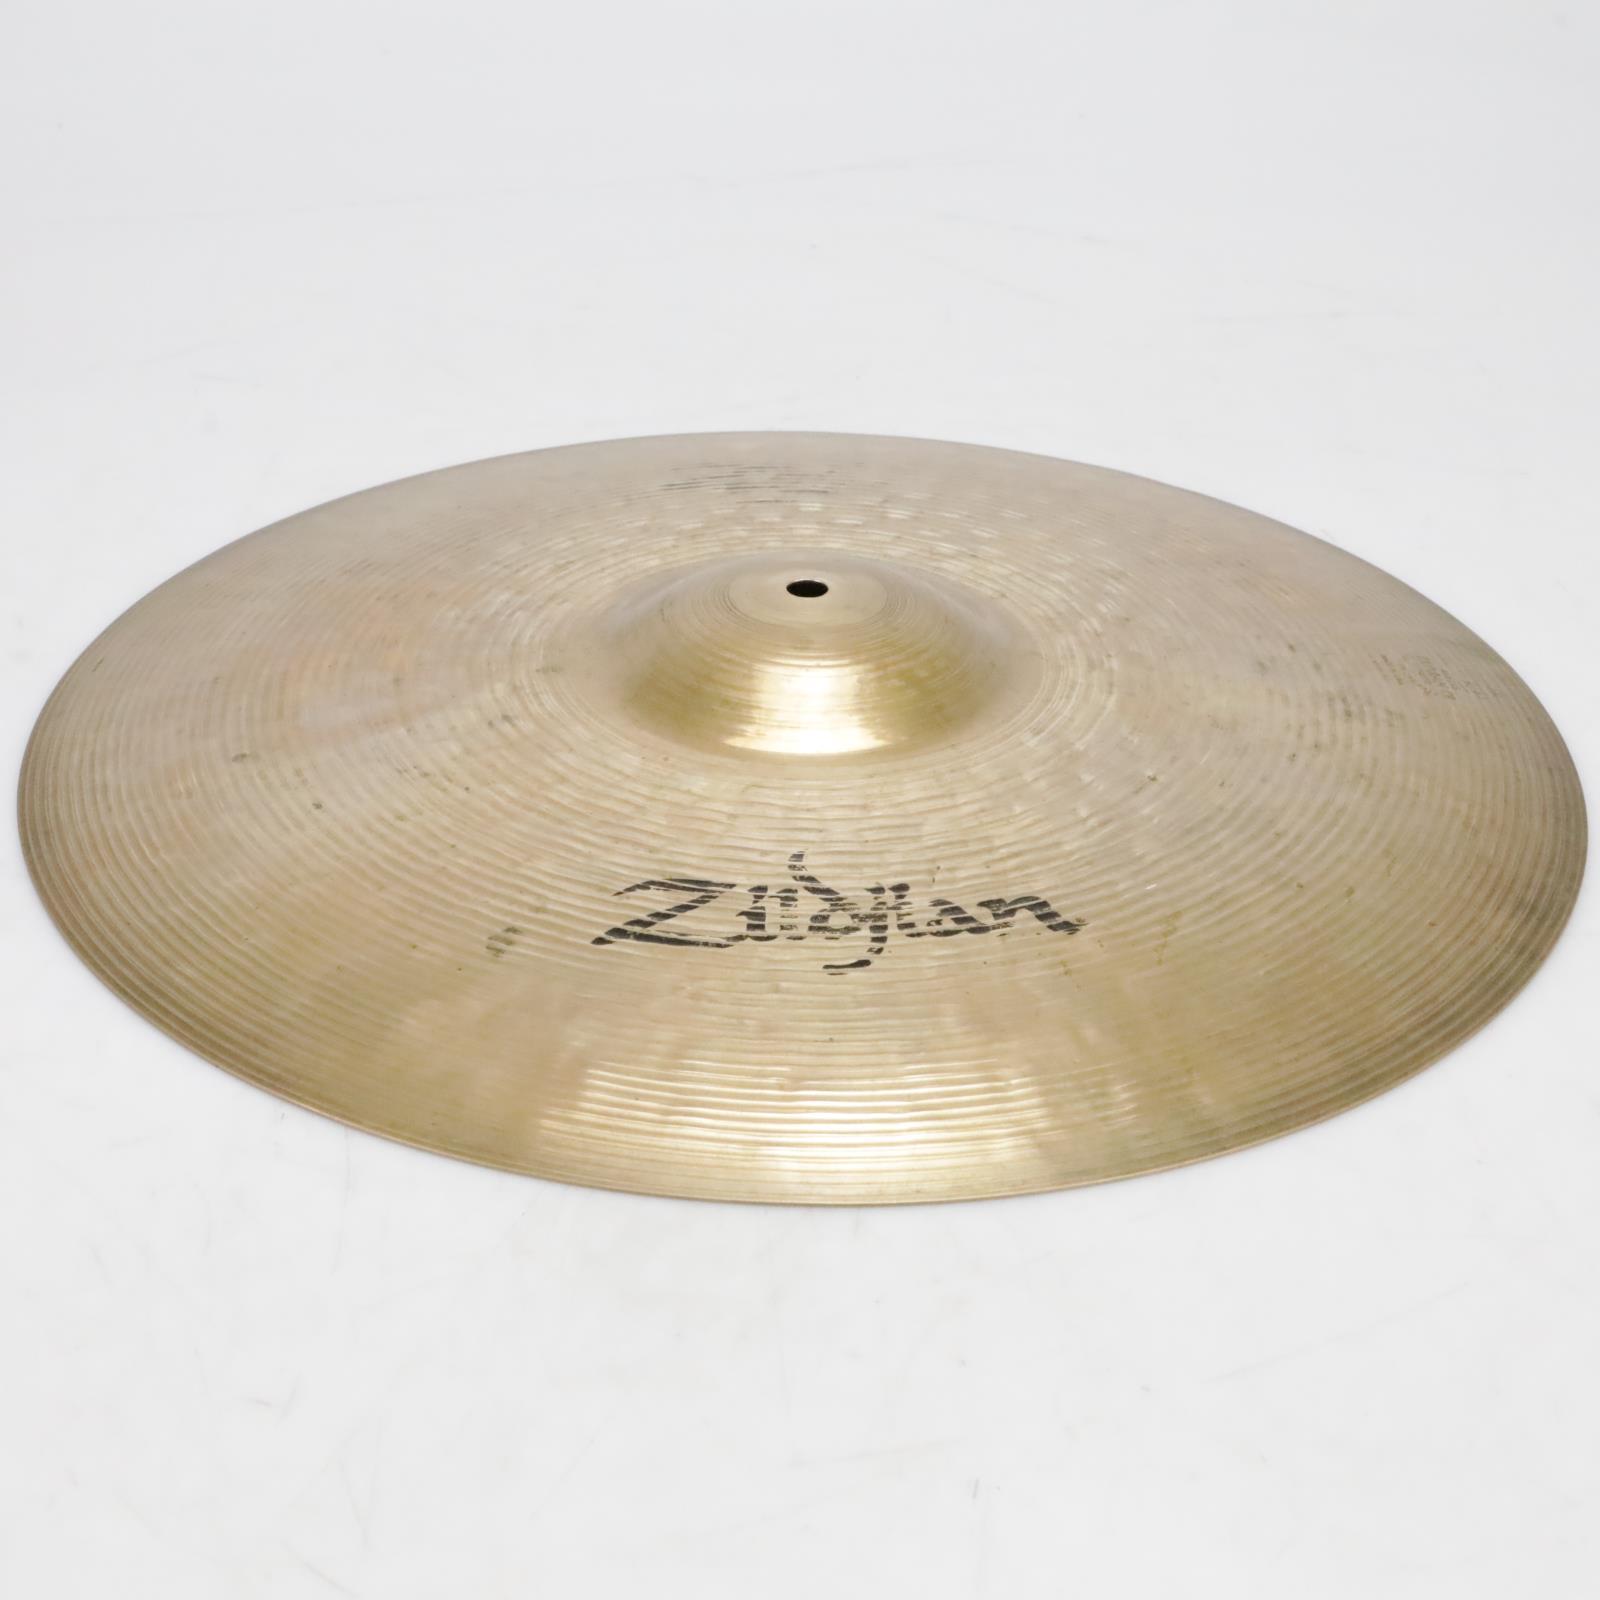 """20"""" Zildjian Z3 Medium-Heavy Ride Cymbal Video! #41275"""